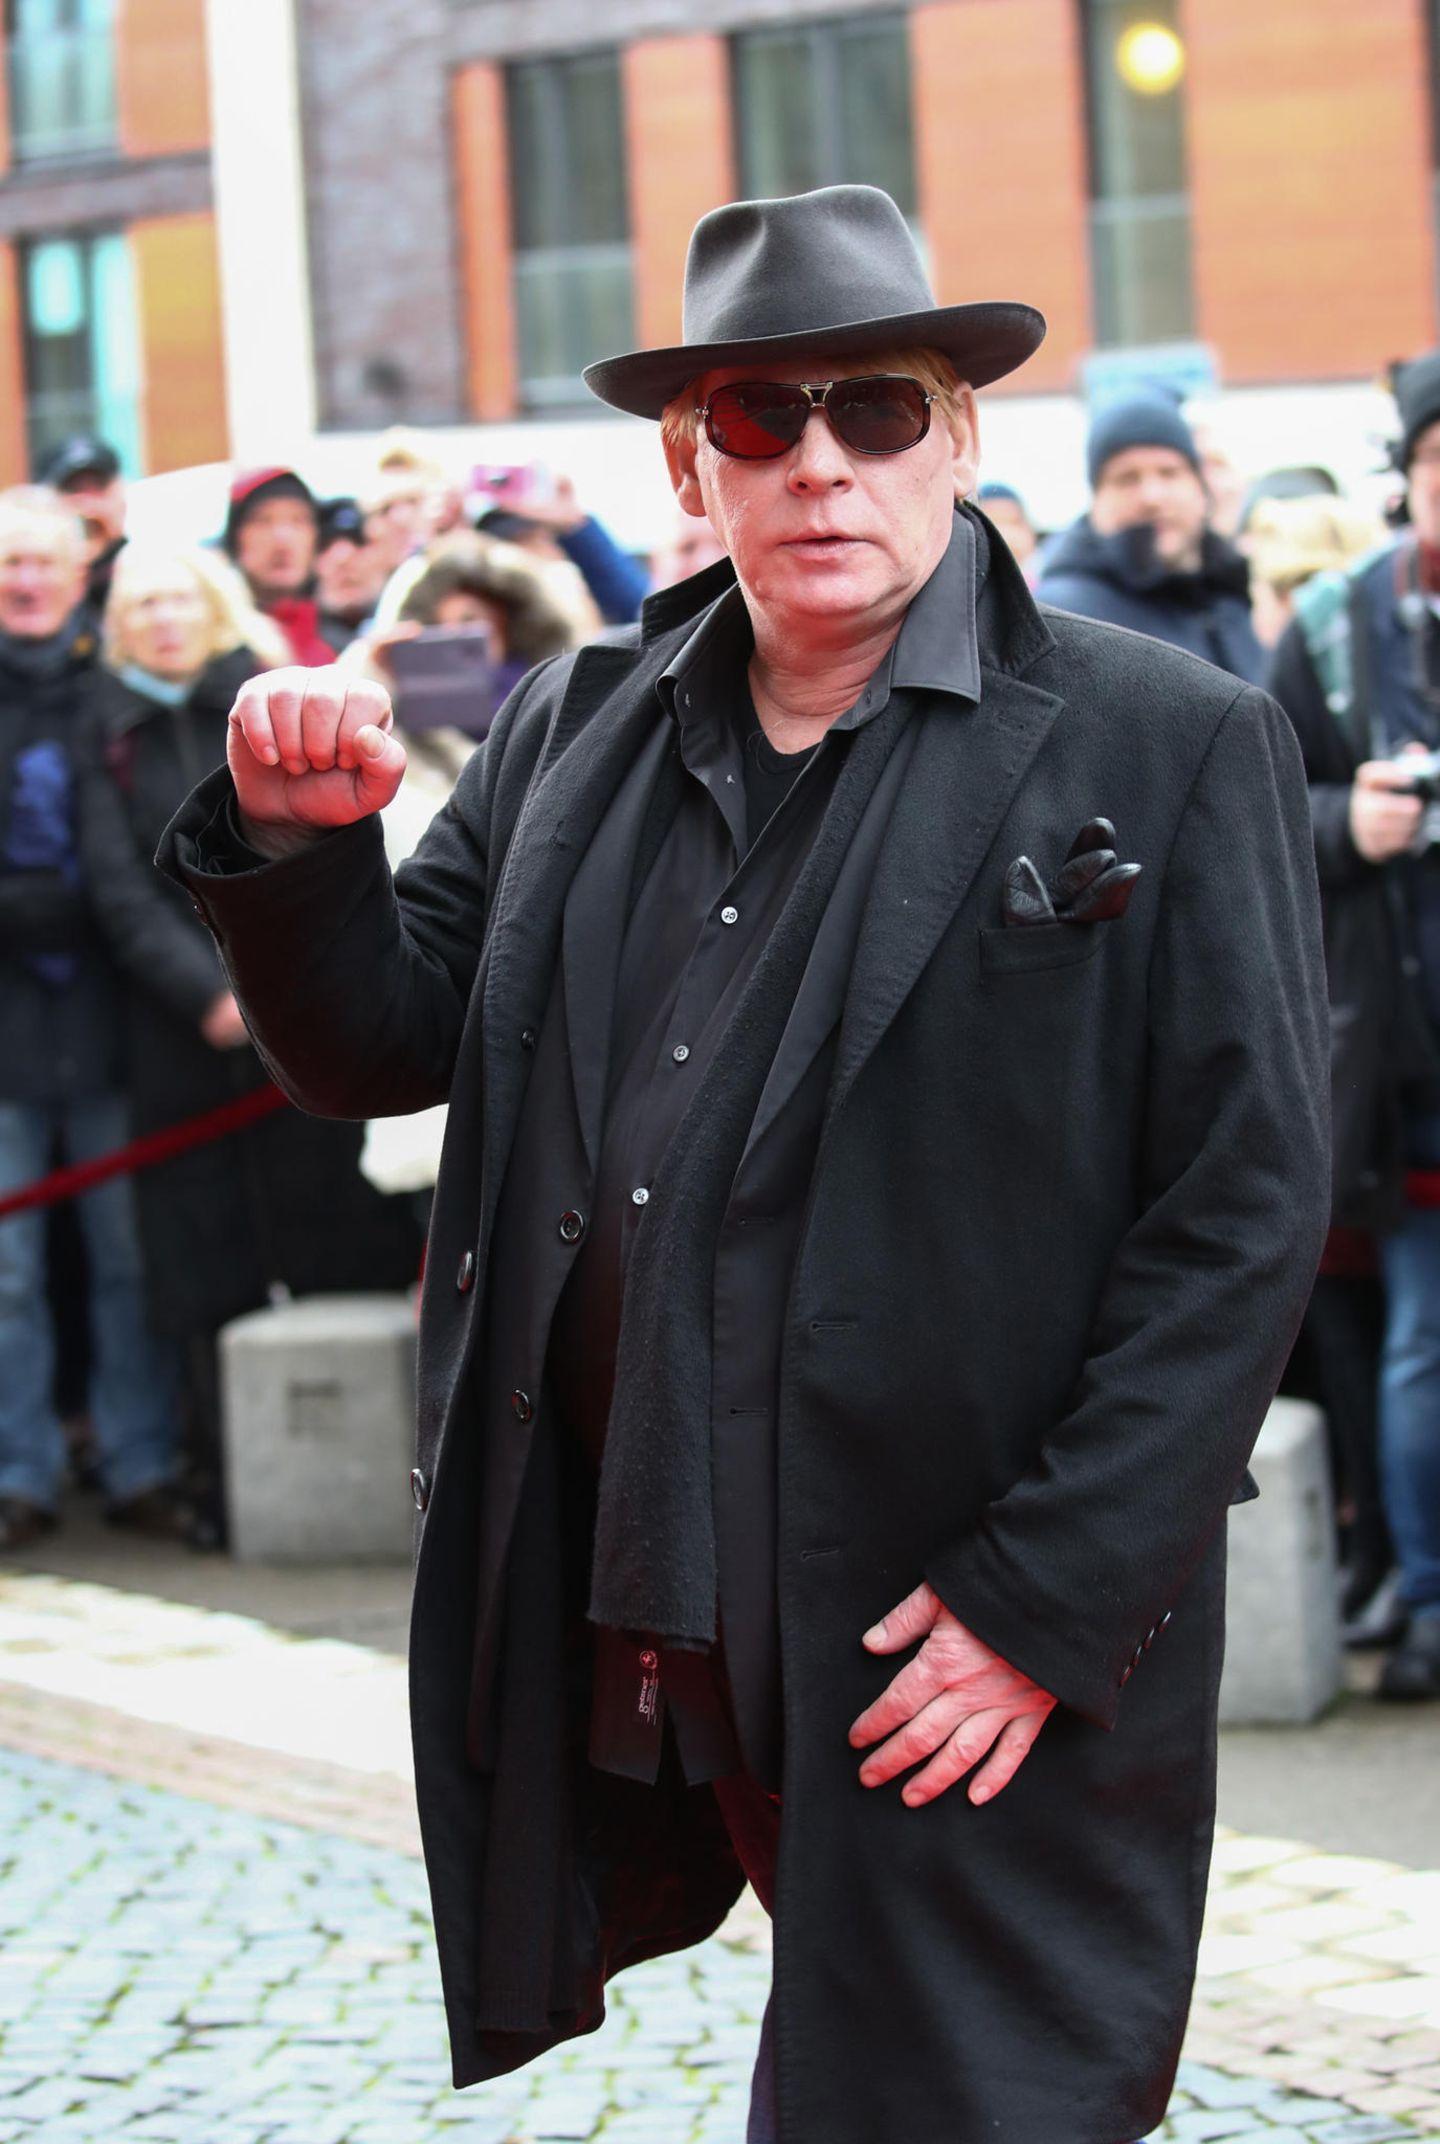 Jan Fedder (†): Hinter Hut und Sonnenbrille versteckt, erscheint Schauspieler Ben Becker vor der Hamburger Hauptkirche.